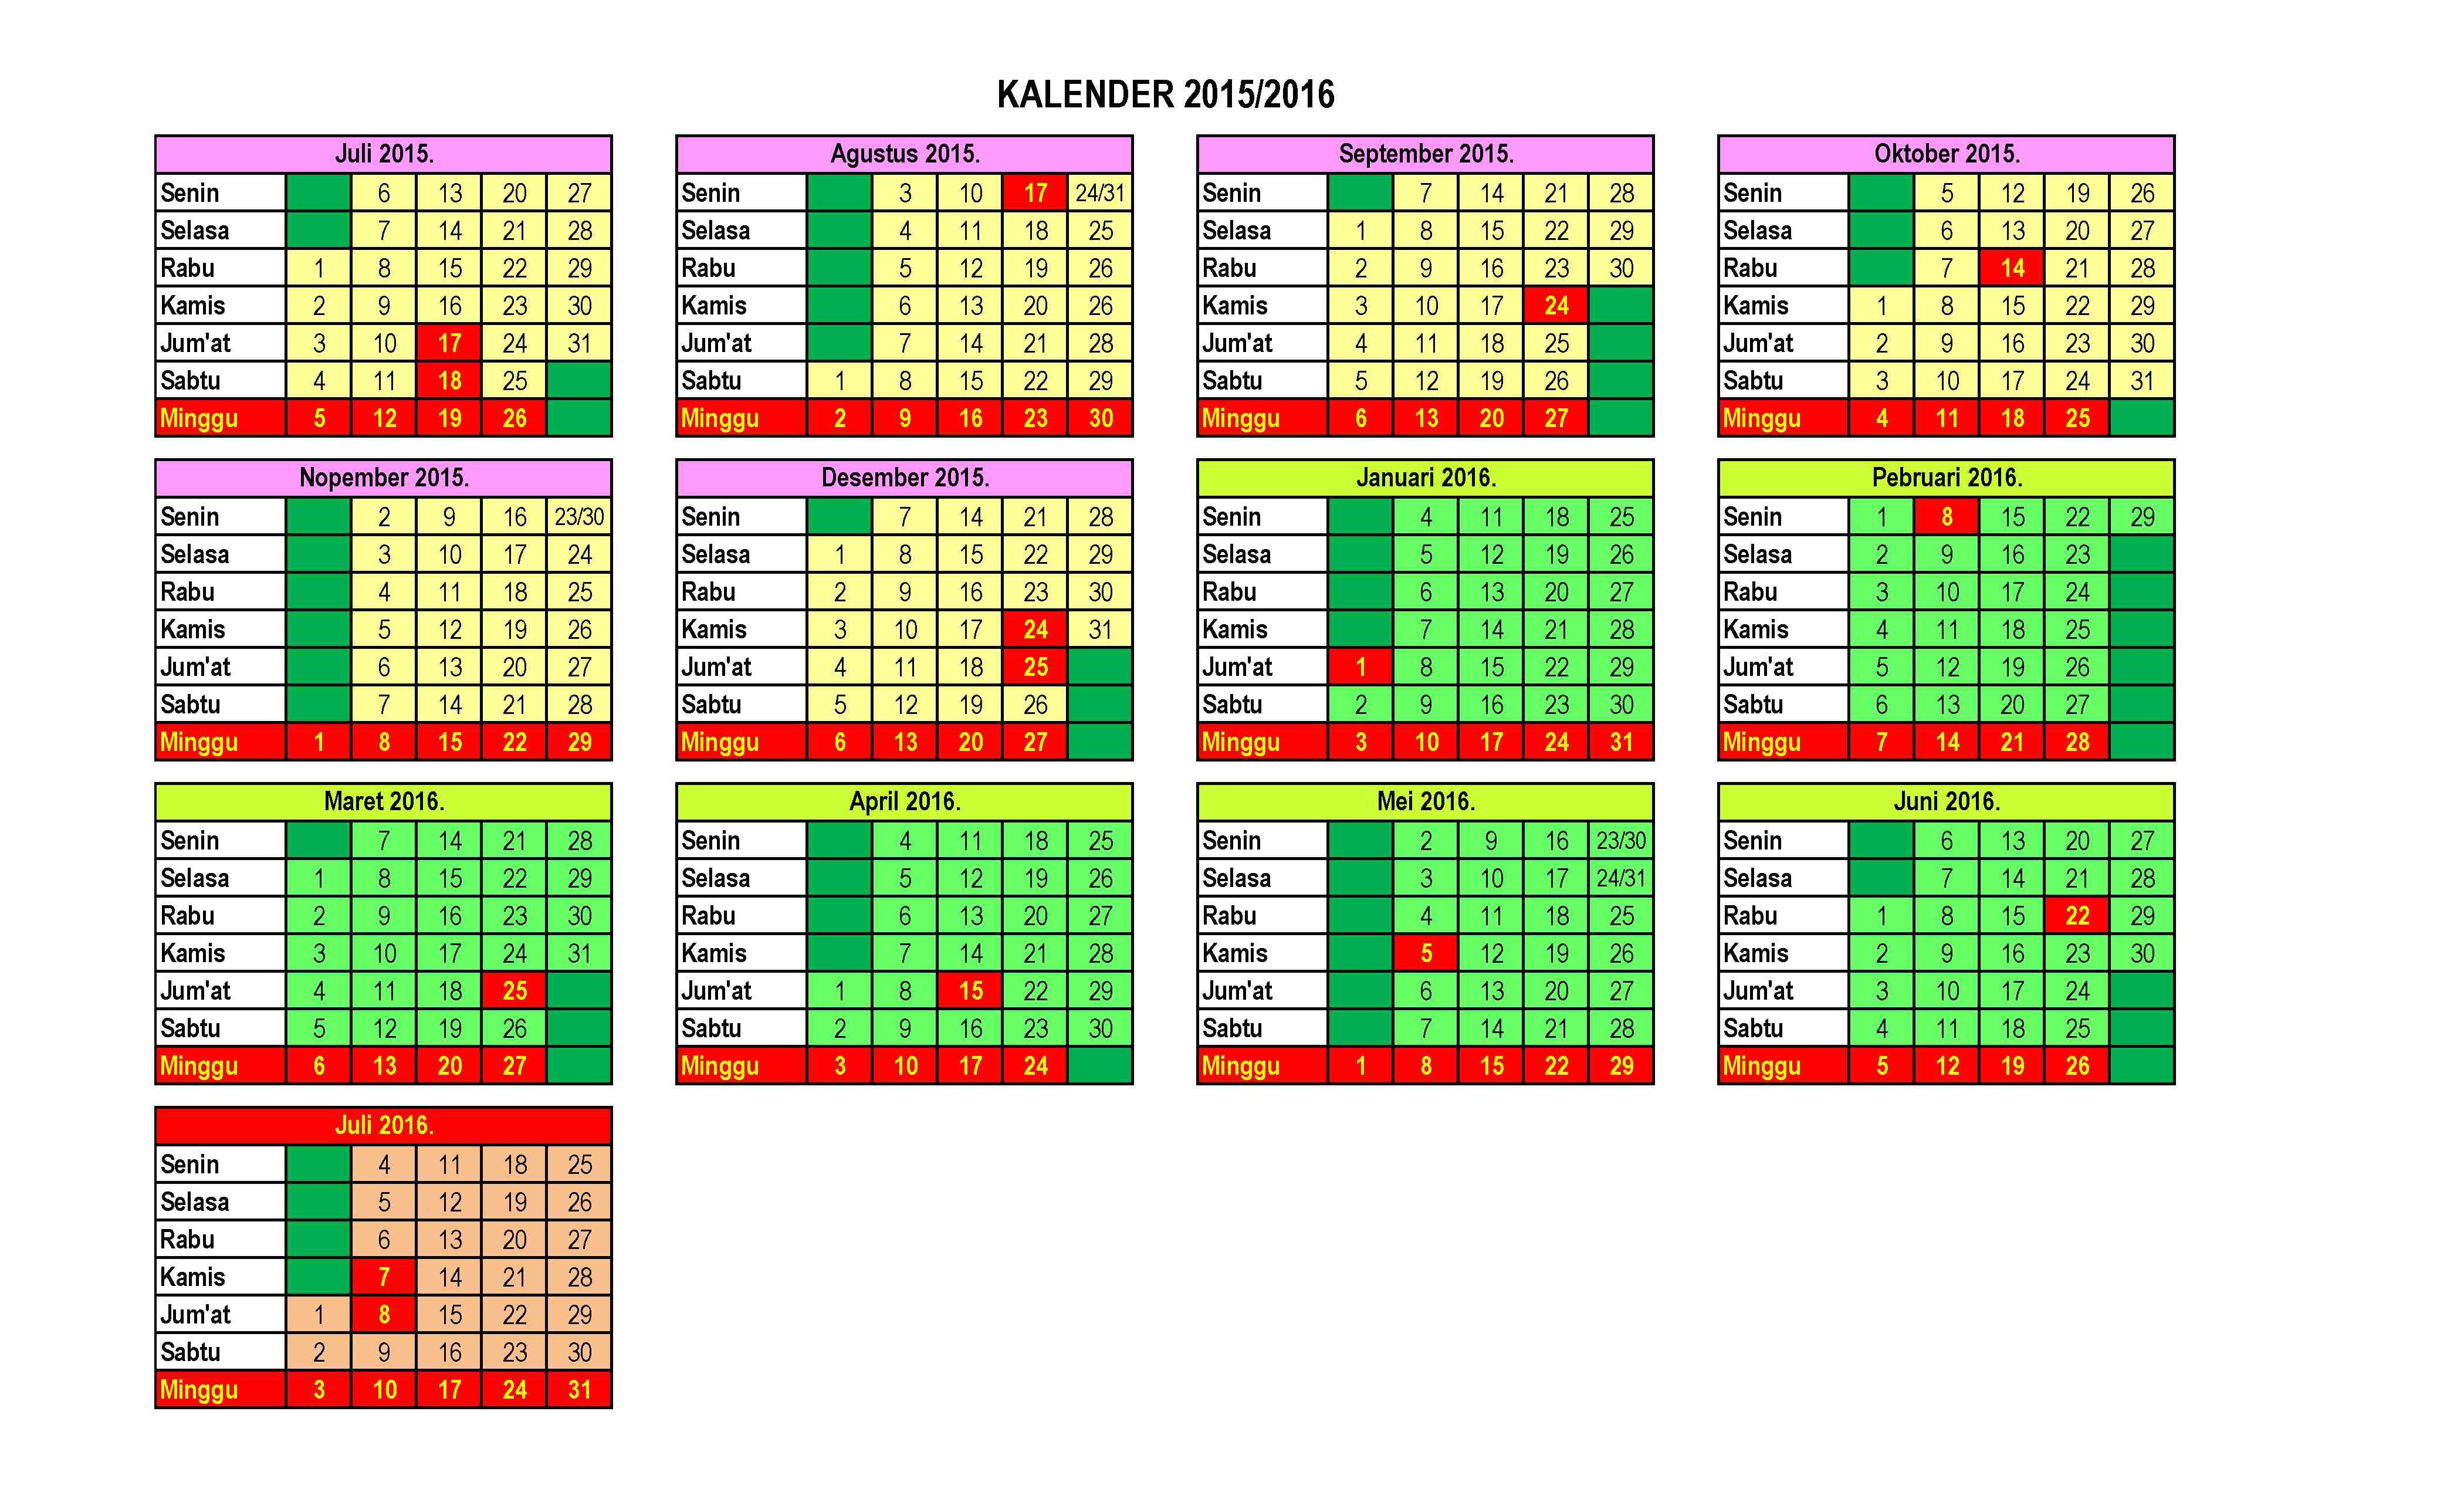 Kalender Pendidikan Prota Promes Bimbingan Dan Konseling | Share The ...